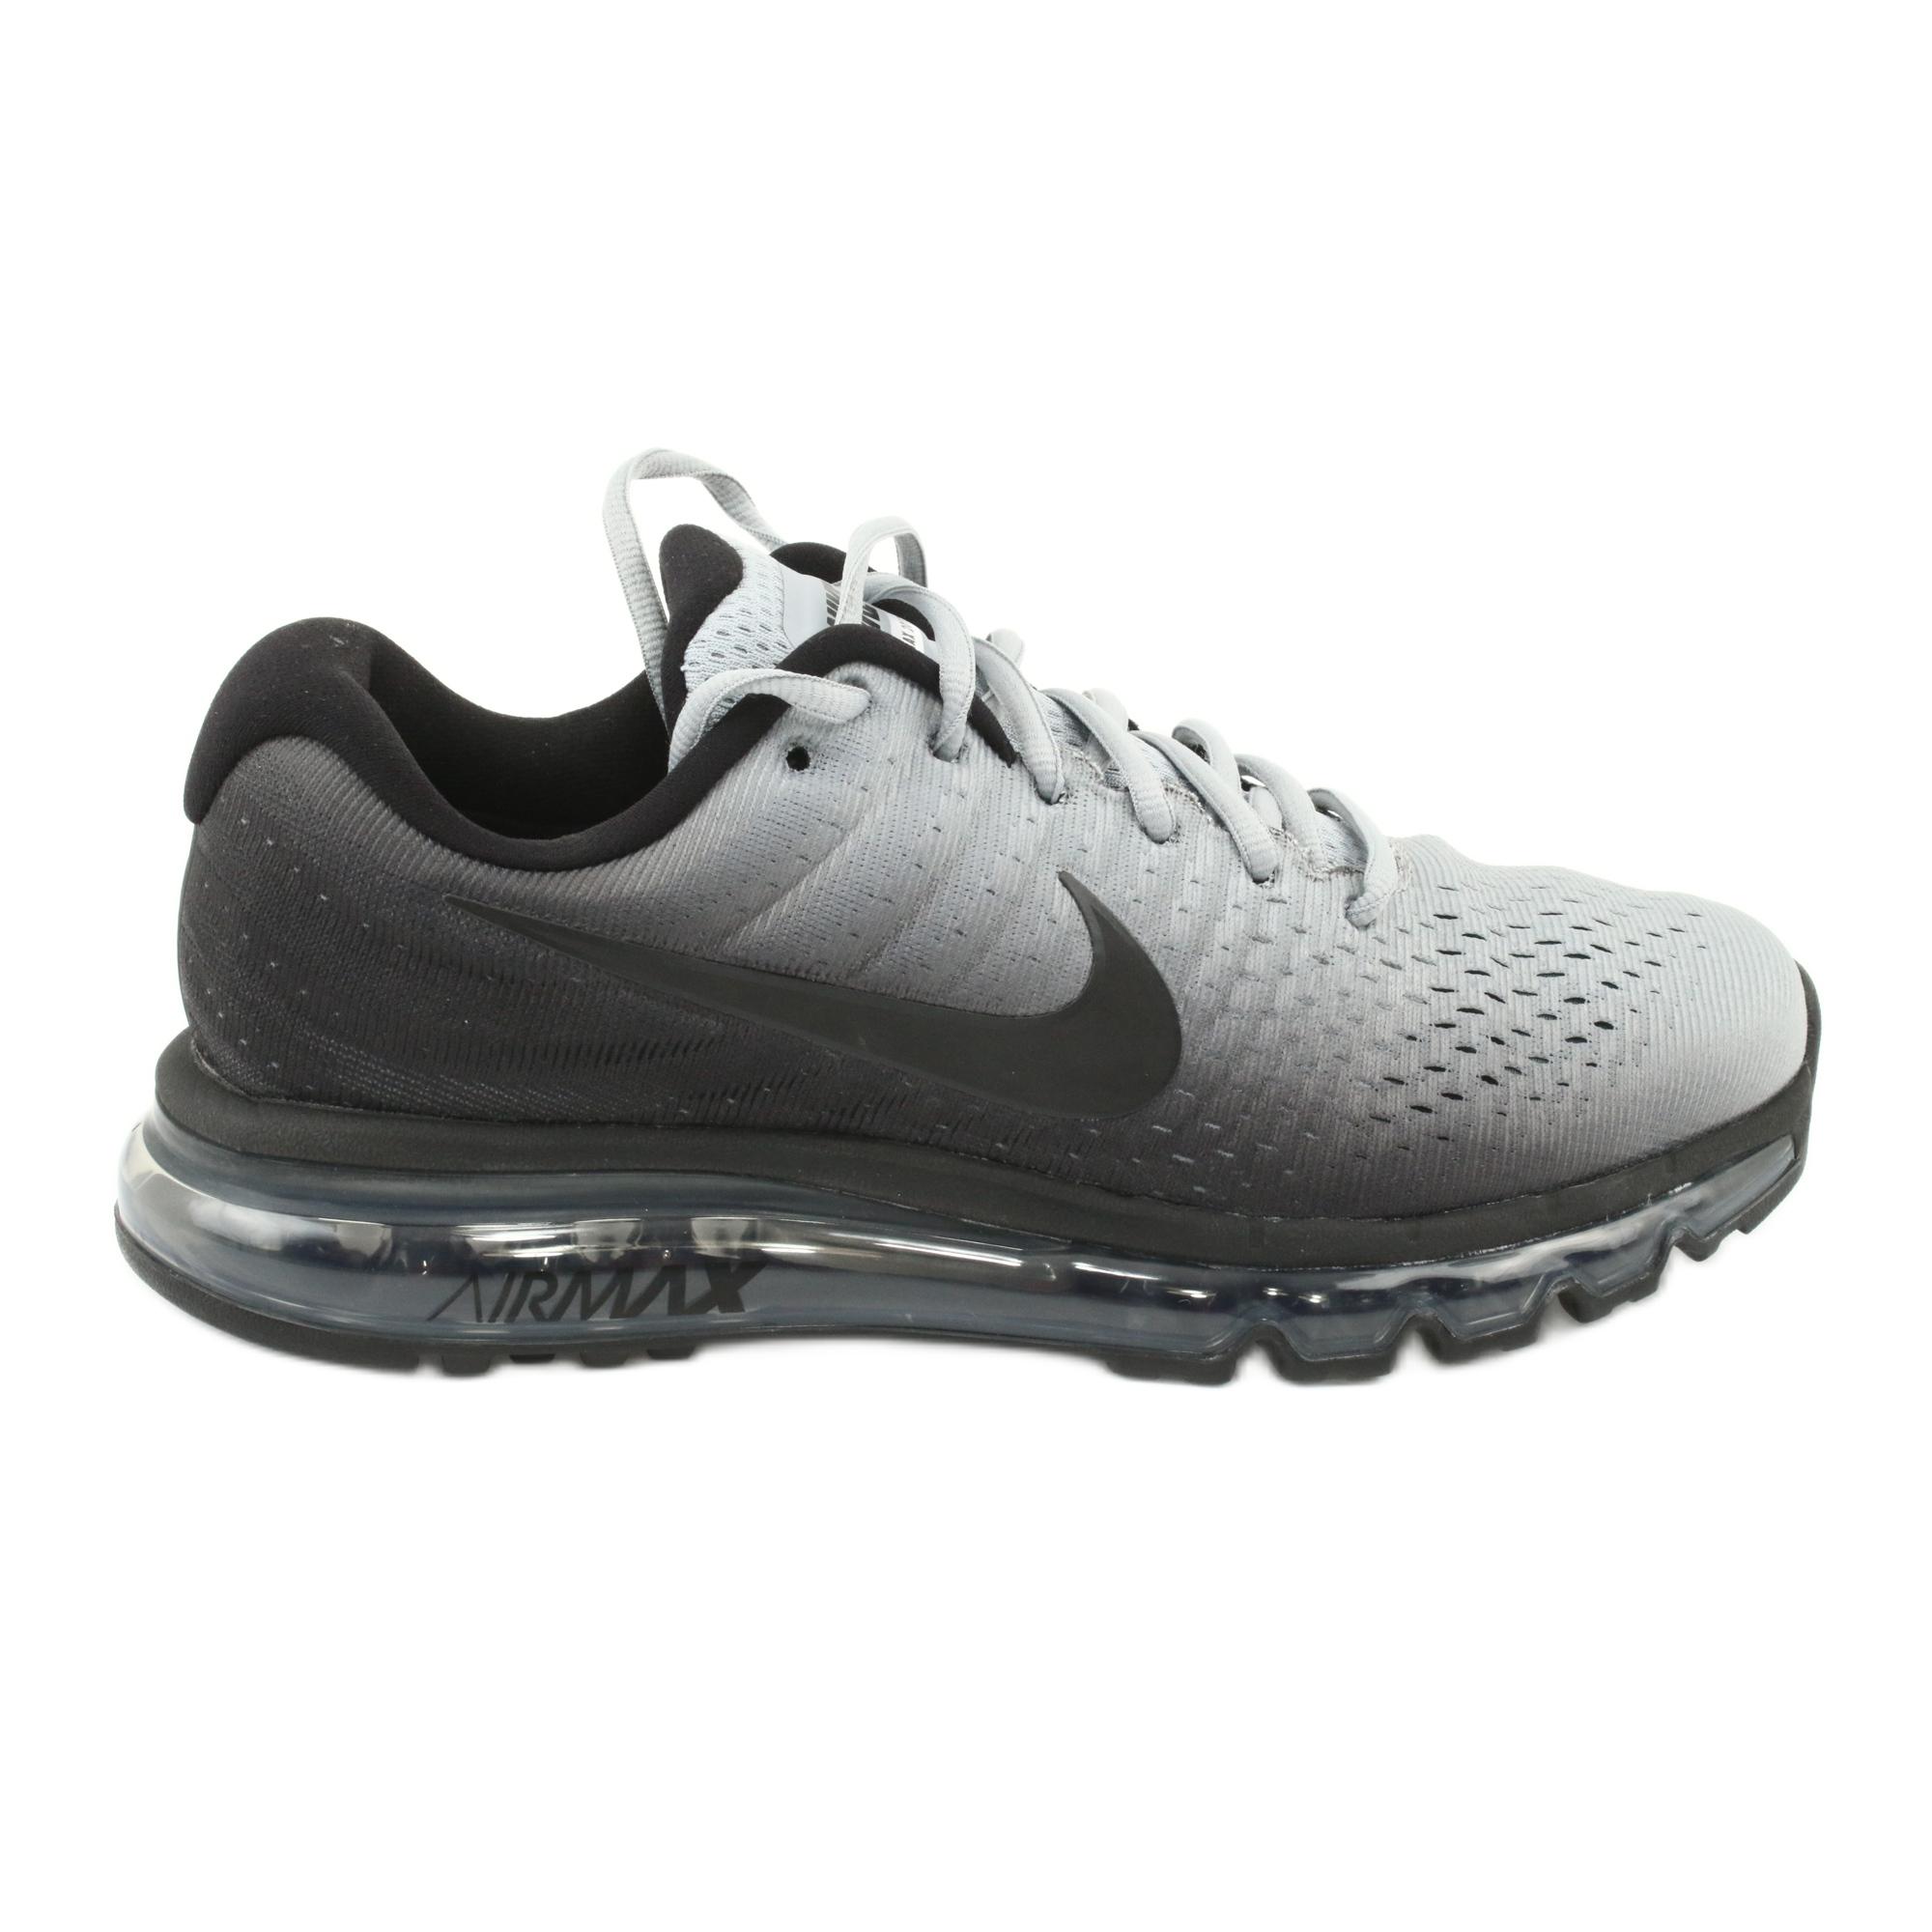 Sapatilhas Nike Air Max 2017 M AT0044 002